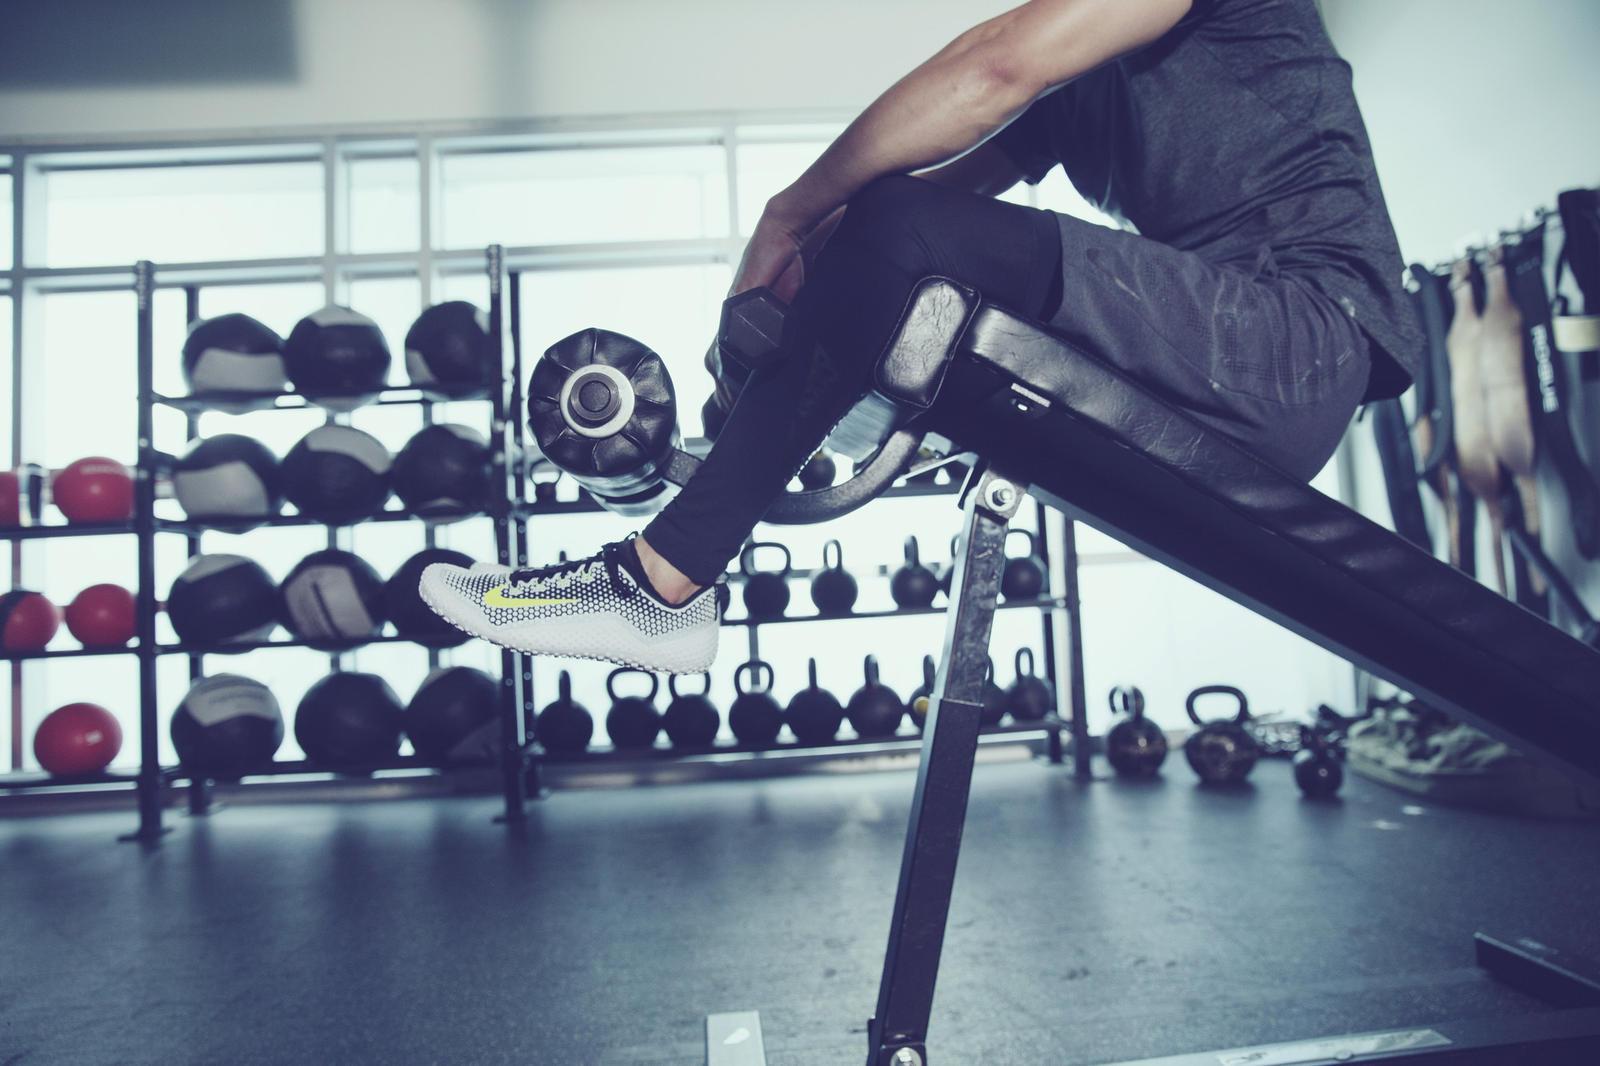 Bionic Nike Free Trainer 1.0